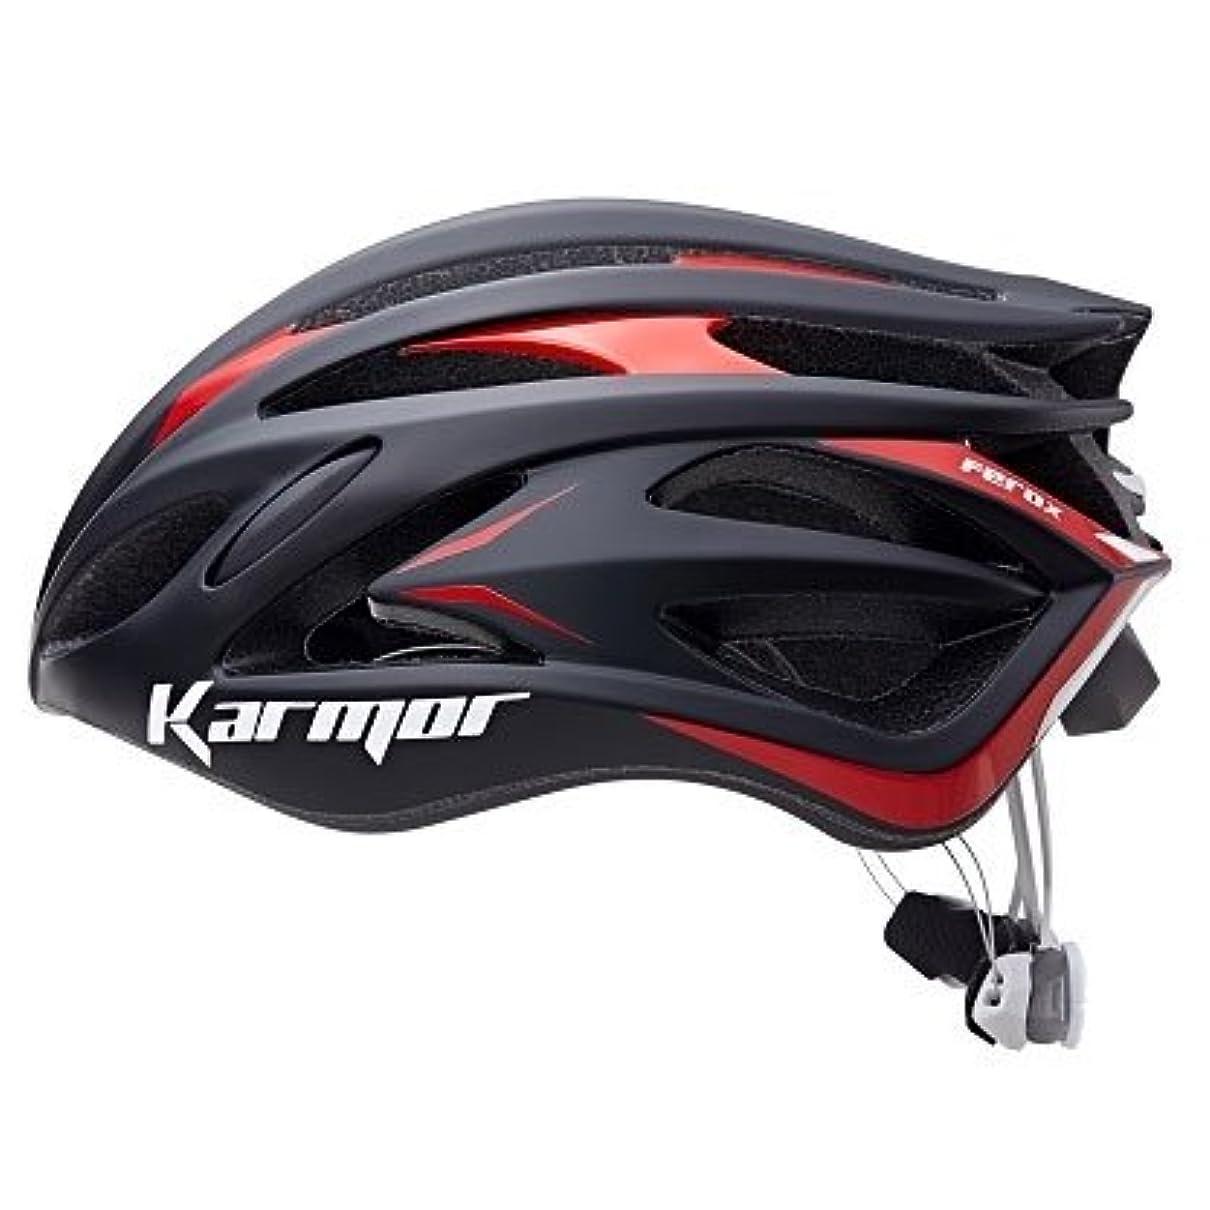 望む高く魔術師Karmar(カーマー) ヘルメット FEROX2 (フェロックス2) ブラック/レッド S/M 55-58cm Boaシステム搭載 自転車用ヘルメット R2KA151215X マルチ